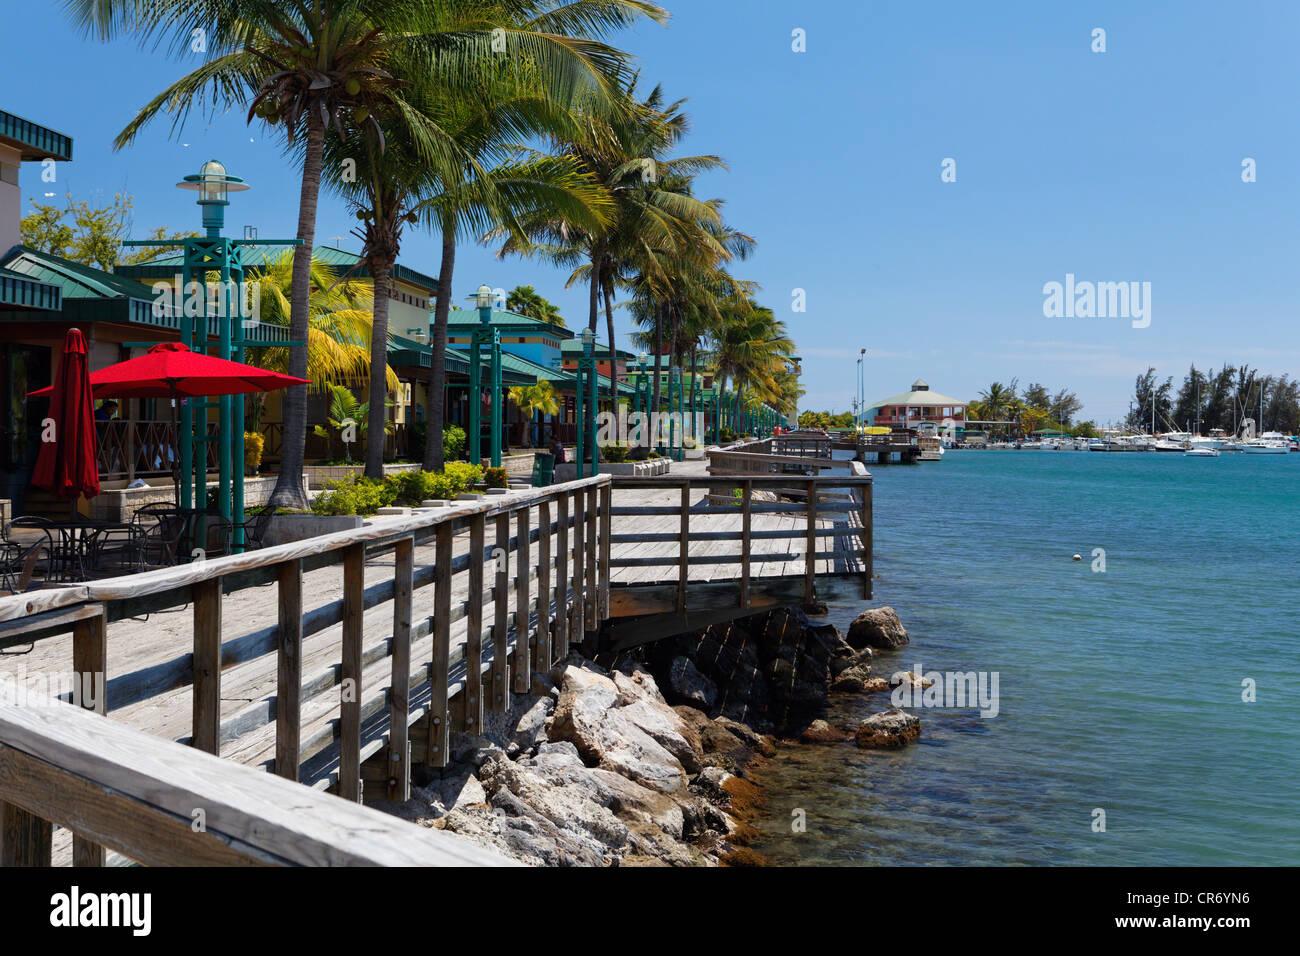 Chioschi di cibo sul molo; Playa Ponce, Puerto Rico Immagini Stock